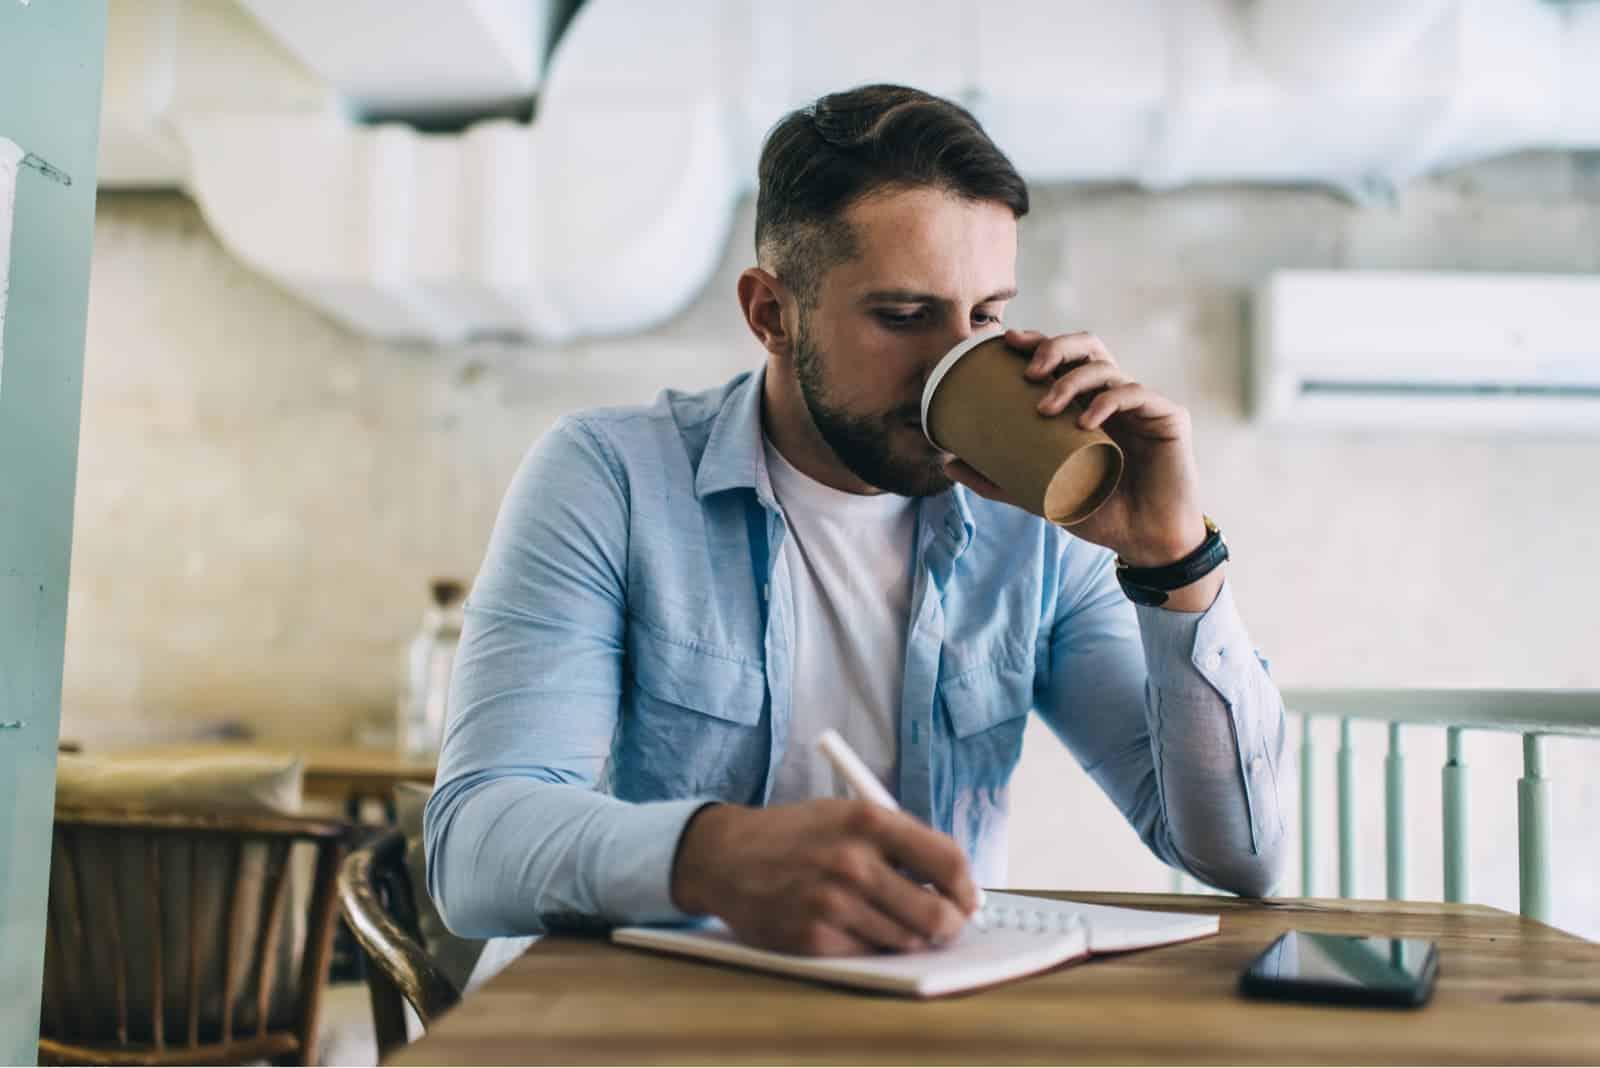 Ein Mann sitzt, trinkt Kaffee und schreibt